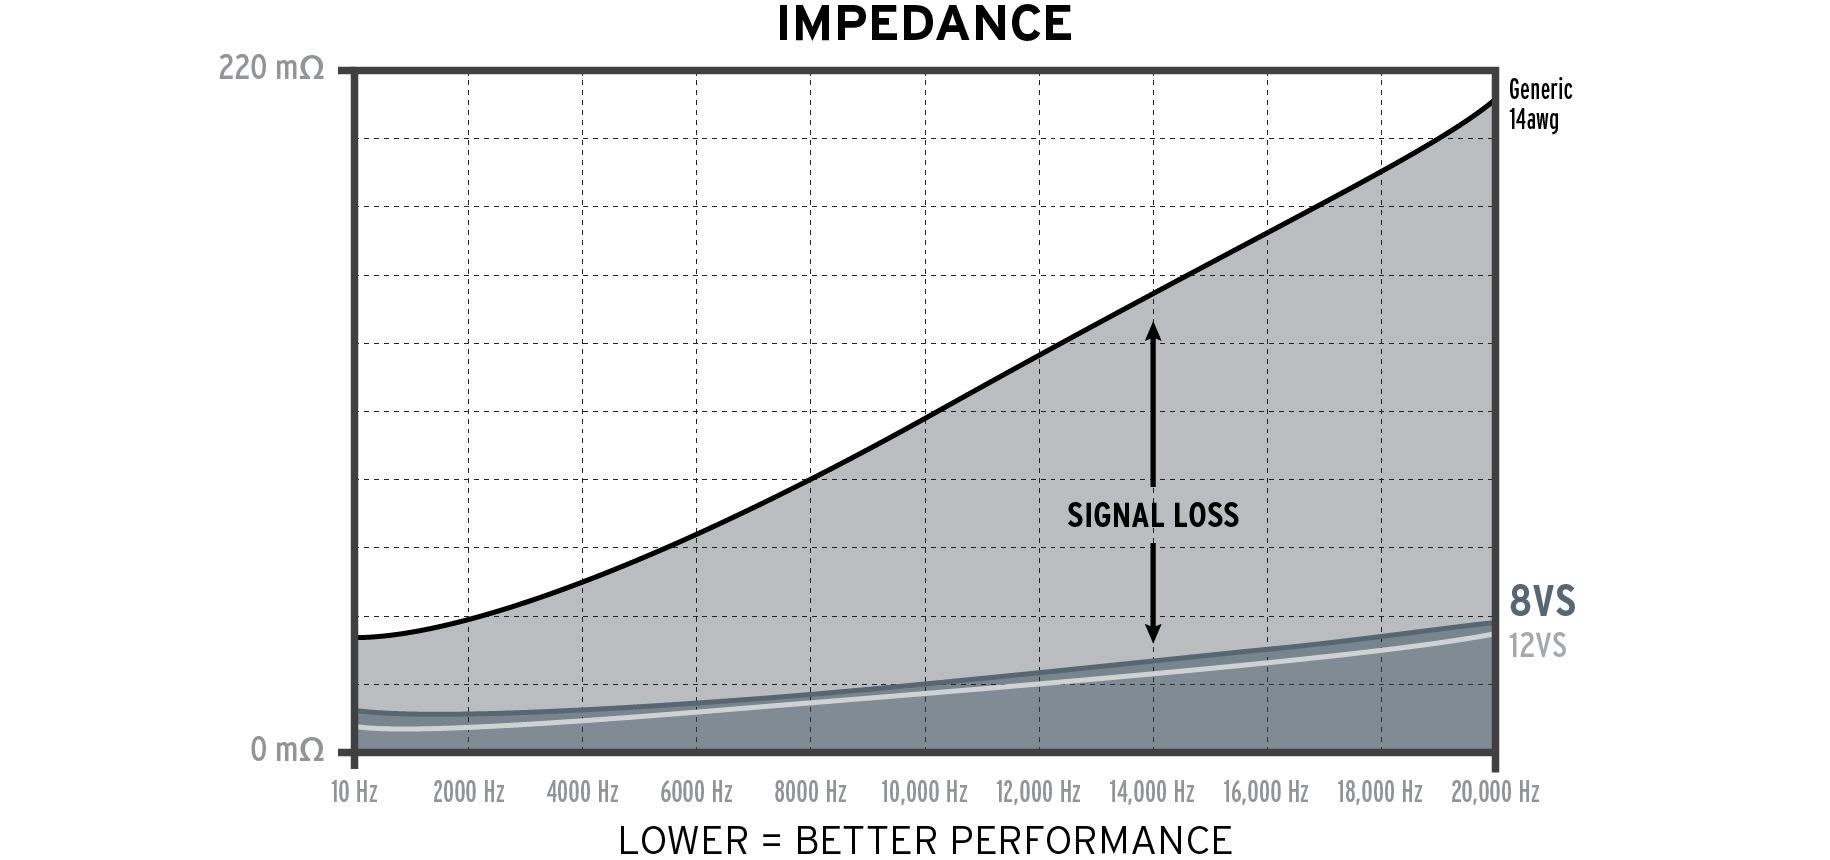 Kimber Kable 8VS impedance kurve